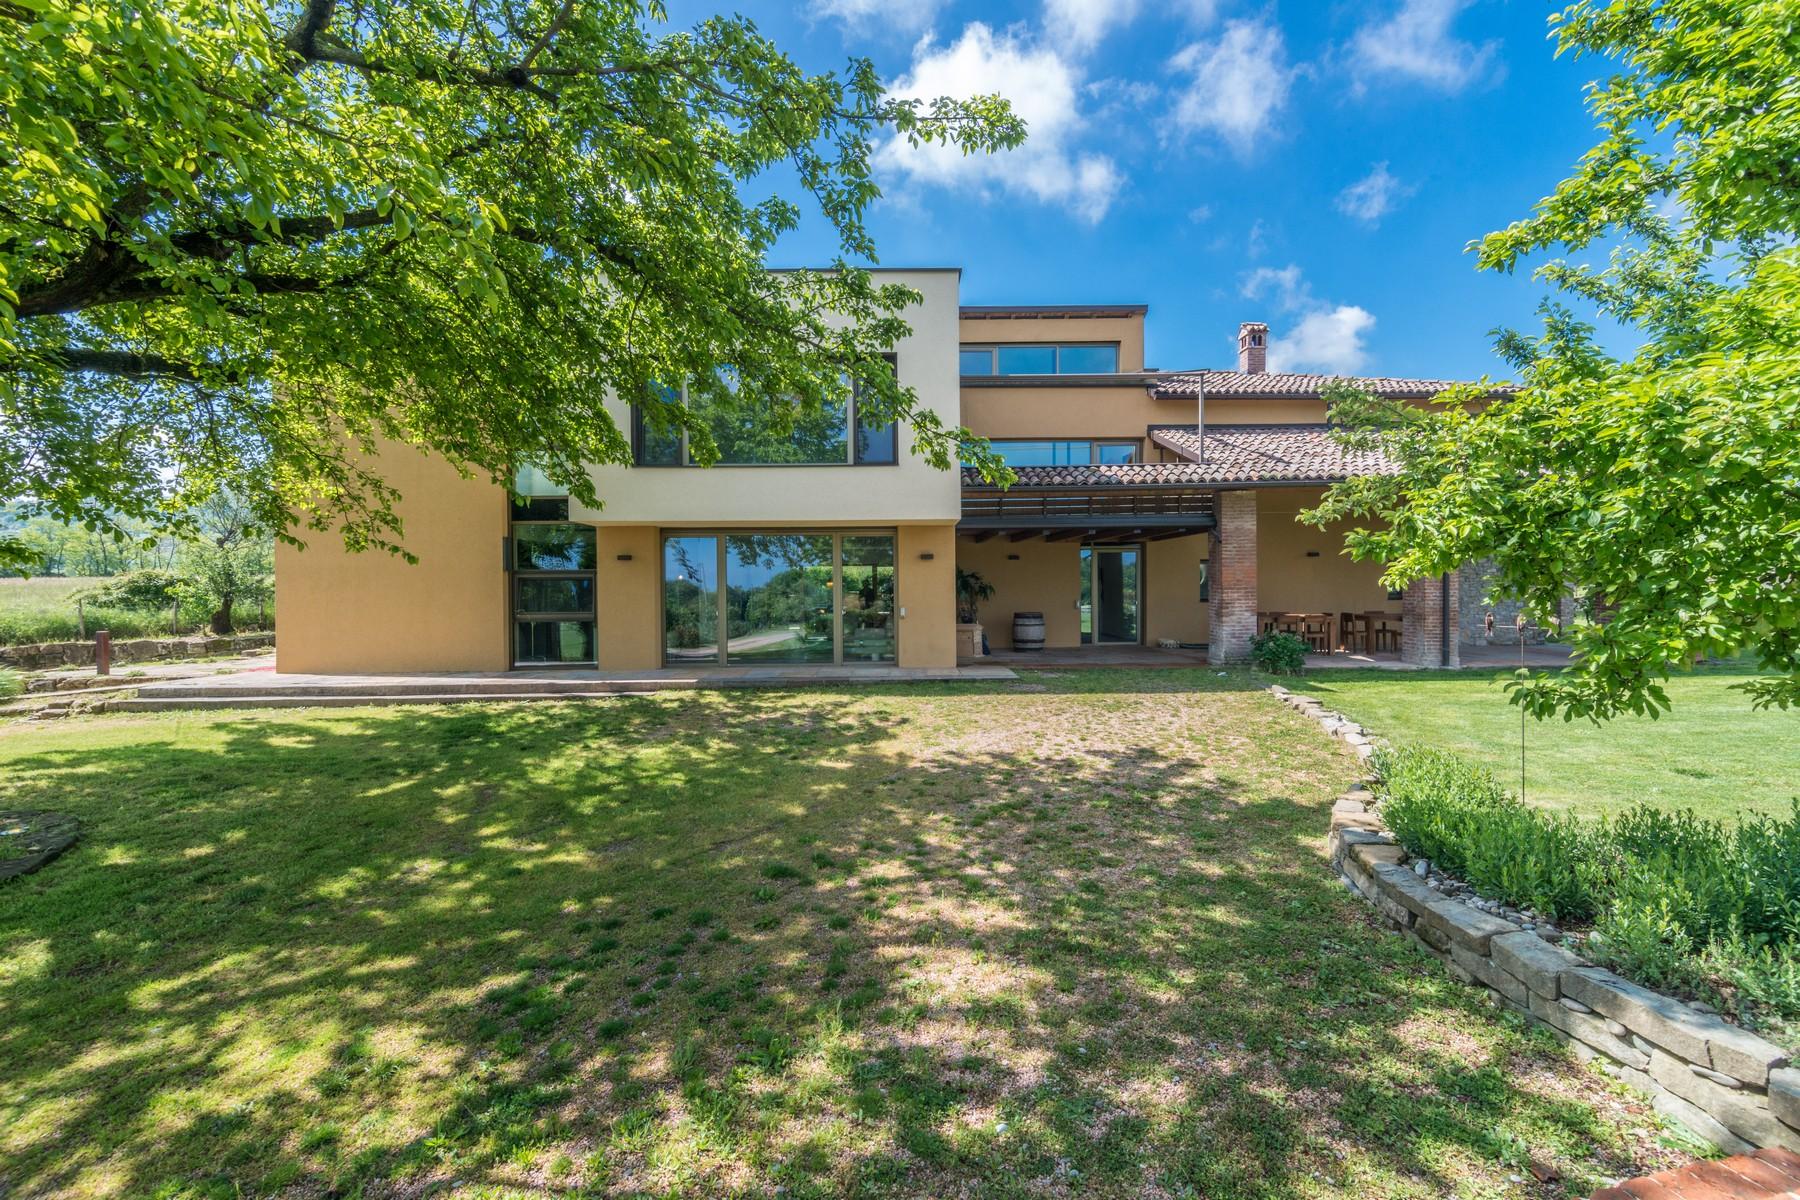 Villa in Vendita a Piacenza strada provinciale di agazzano